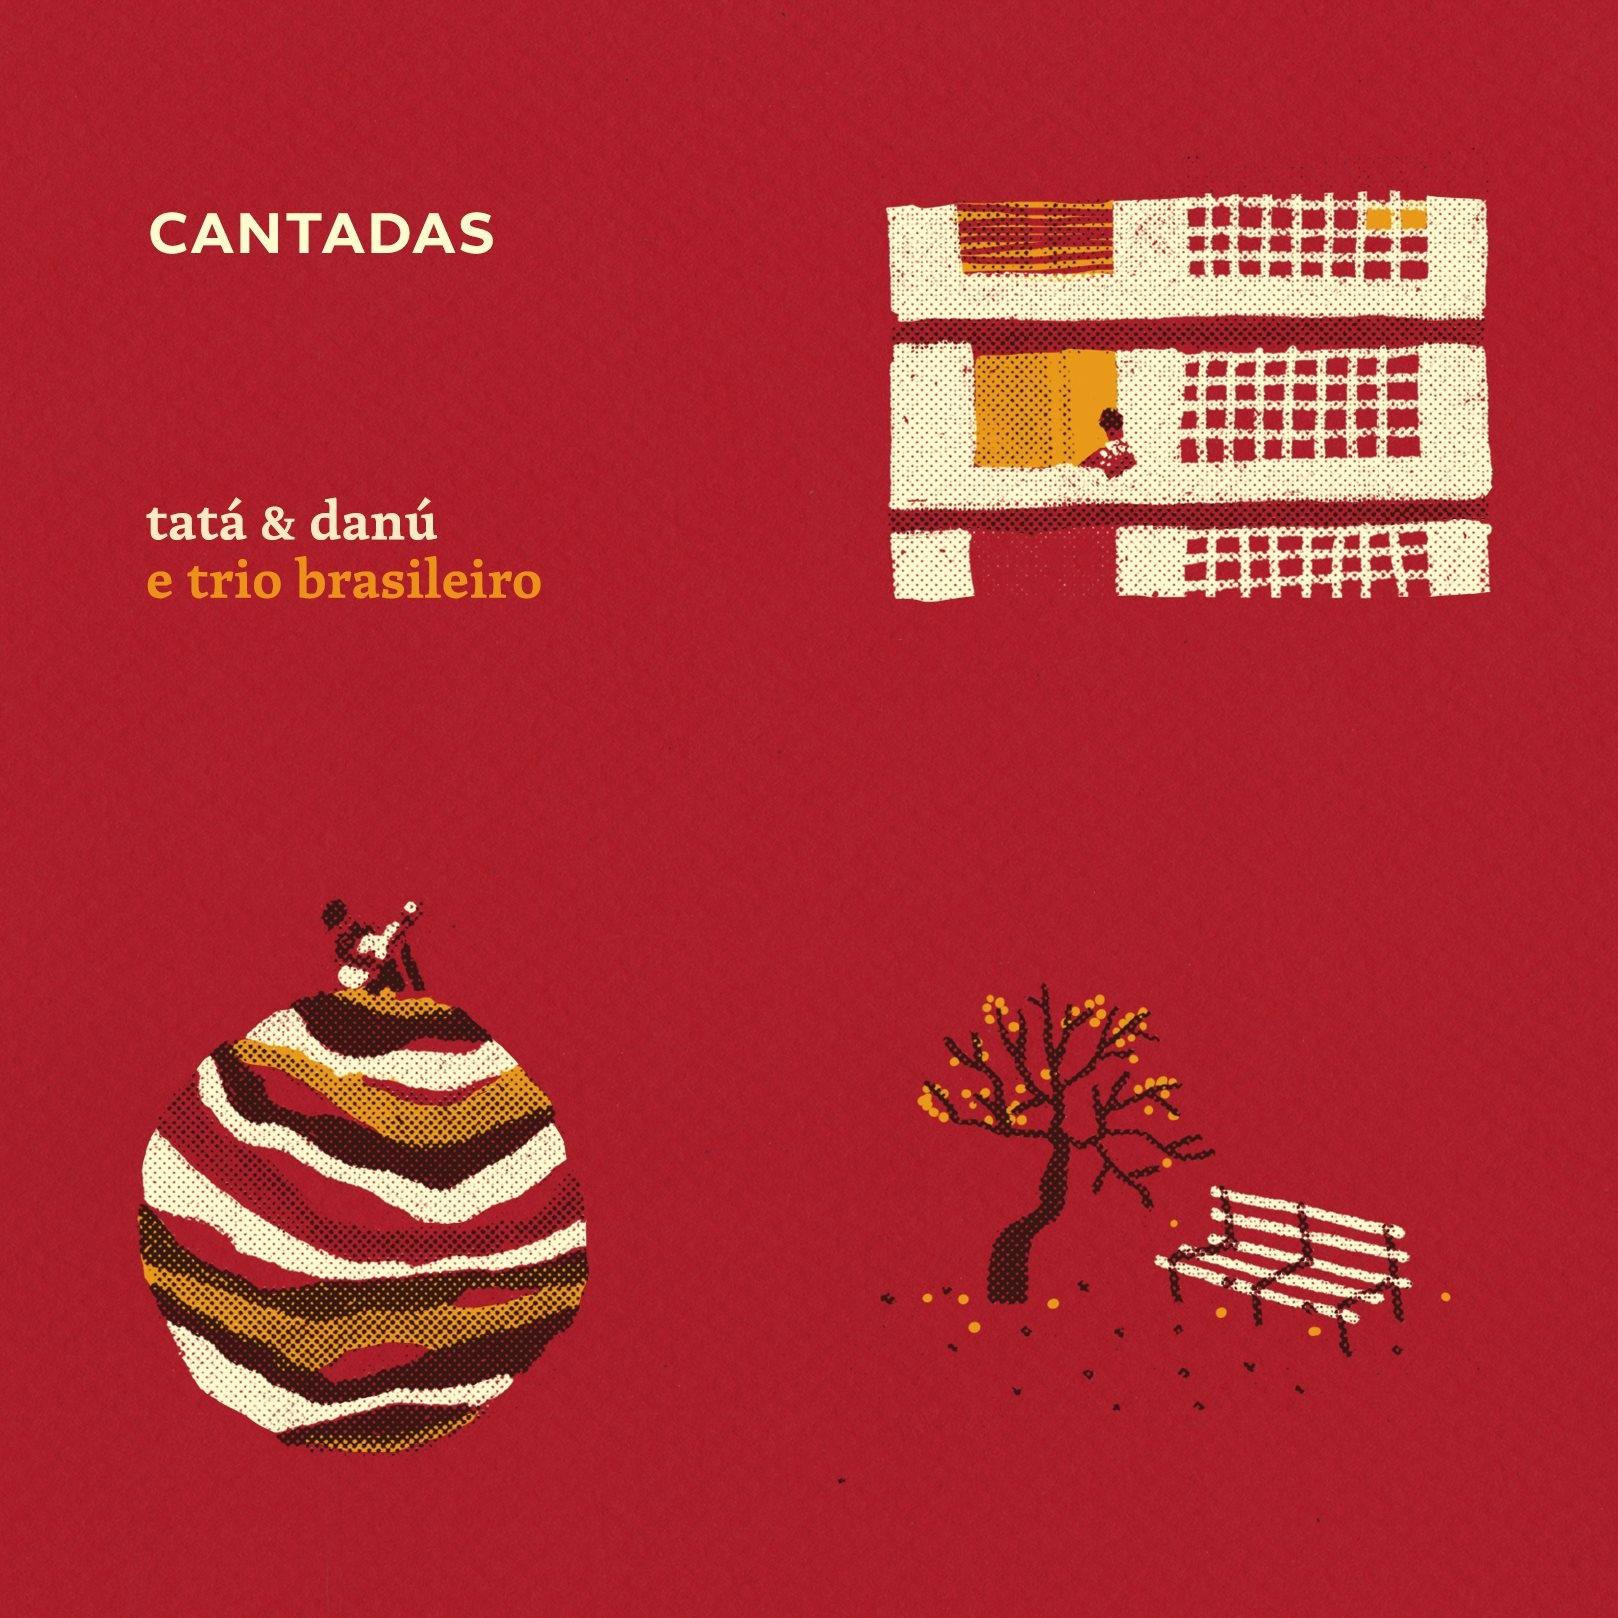 Cantadas - Tatá e Danú